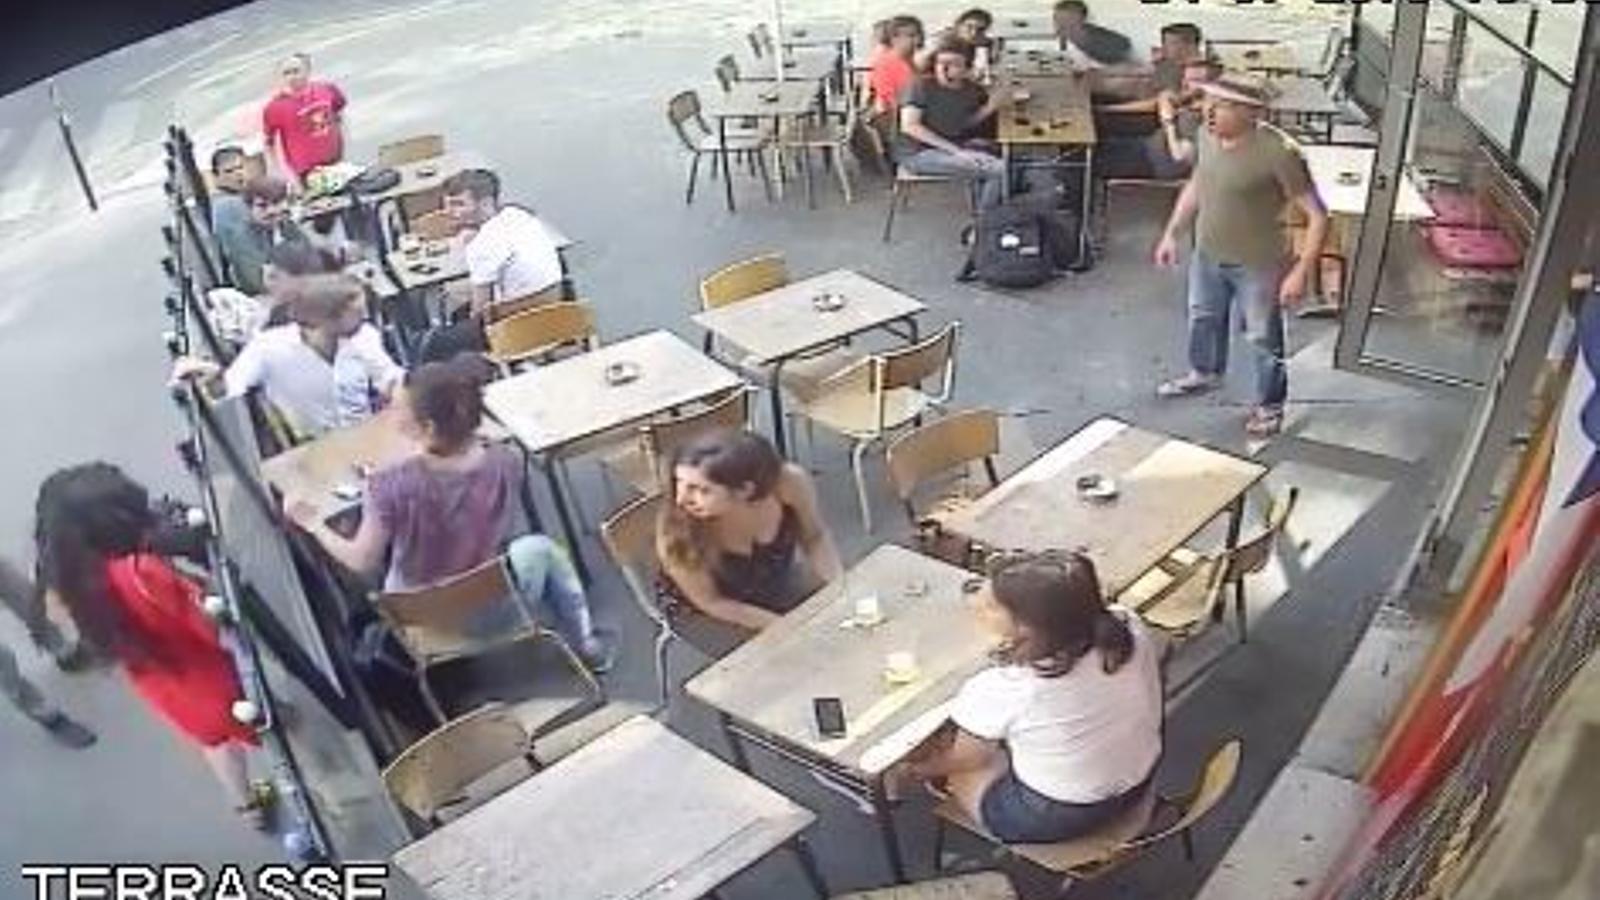 Indignació a França per l'agressió a una dona que va plantar cara a l'home que l'acabava d'assetjar